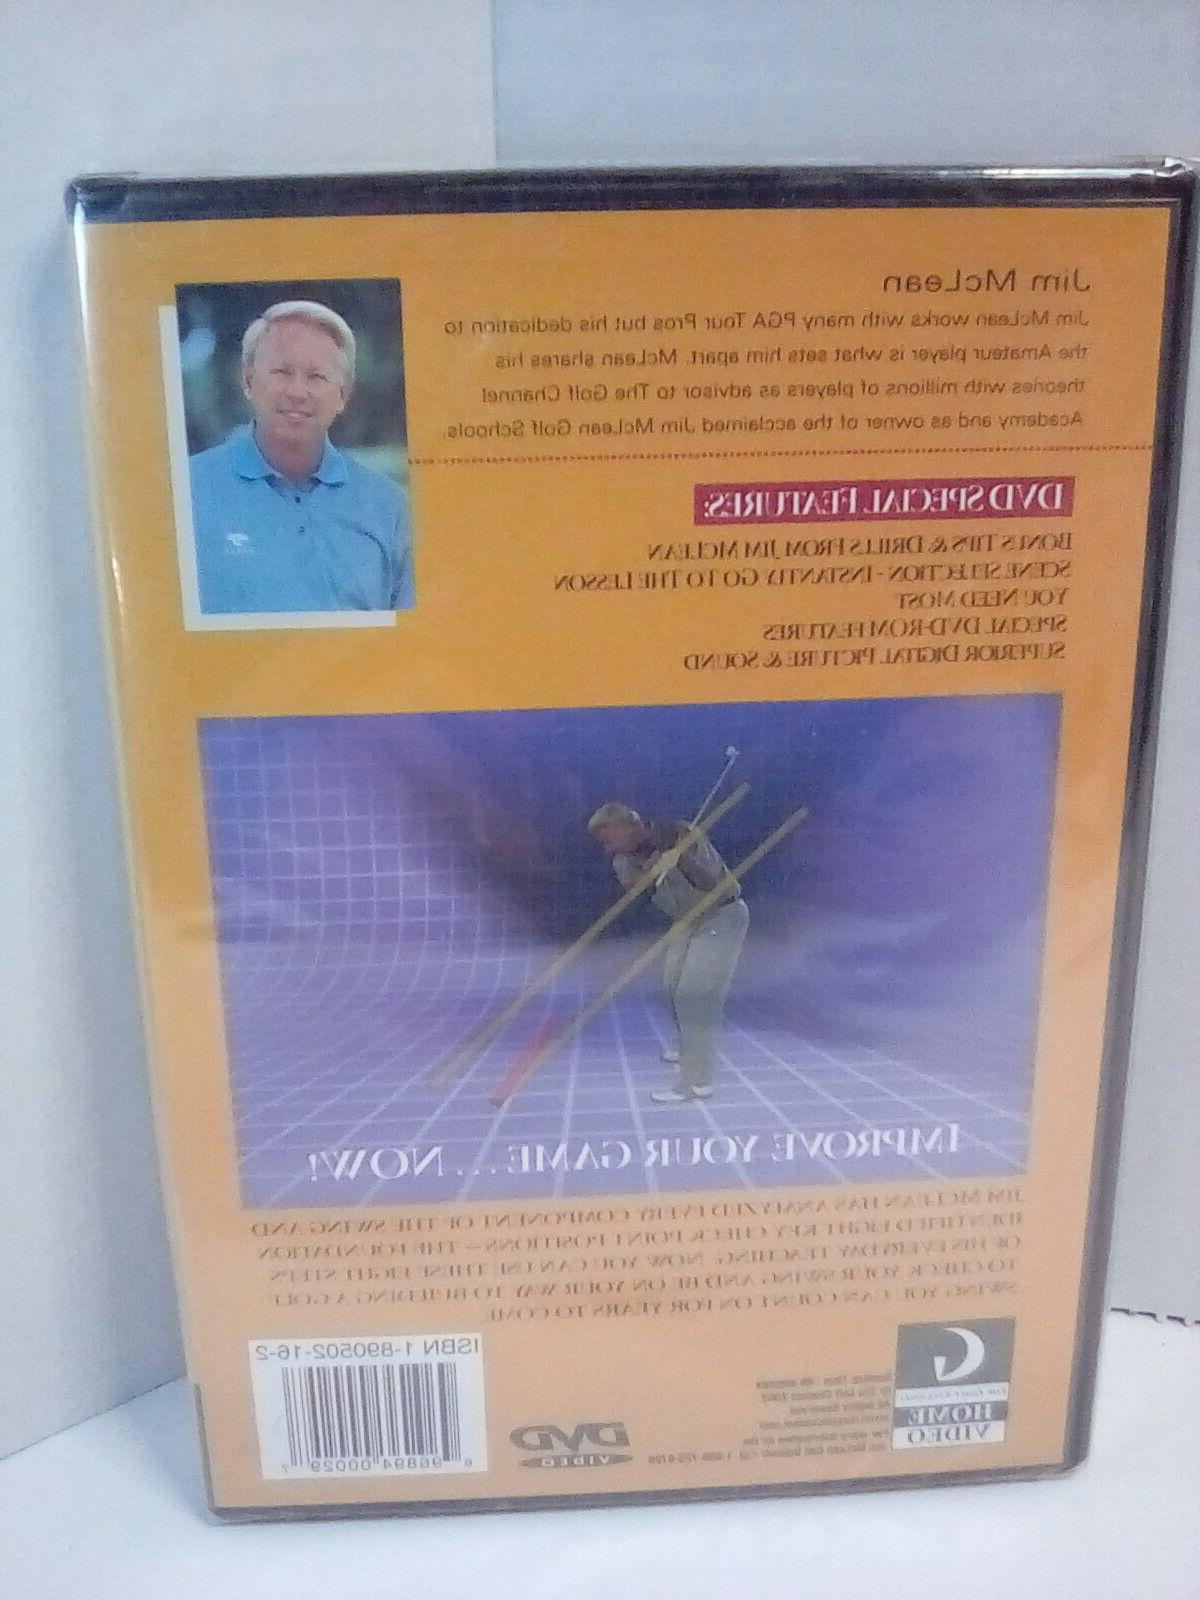 WILSON Scope 8X20mm, step DVD by Jim mclean